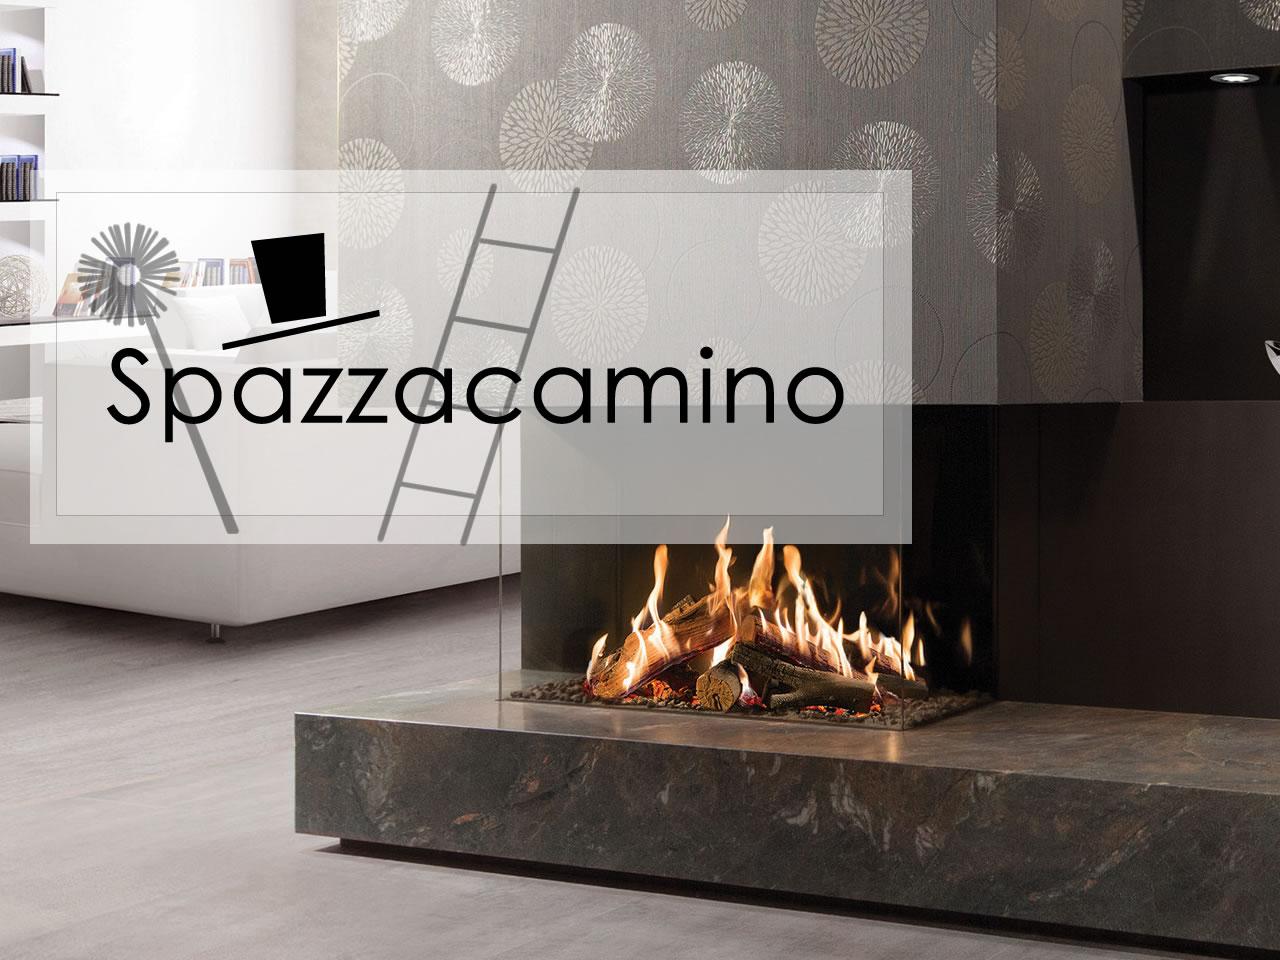 Novate Milanese - Spazzacamino Canna Fumaria a Novate Milanese